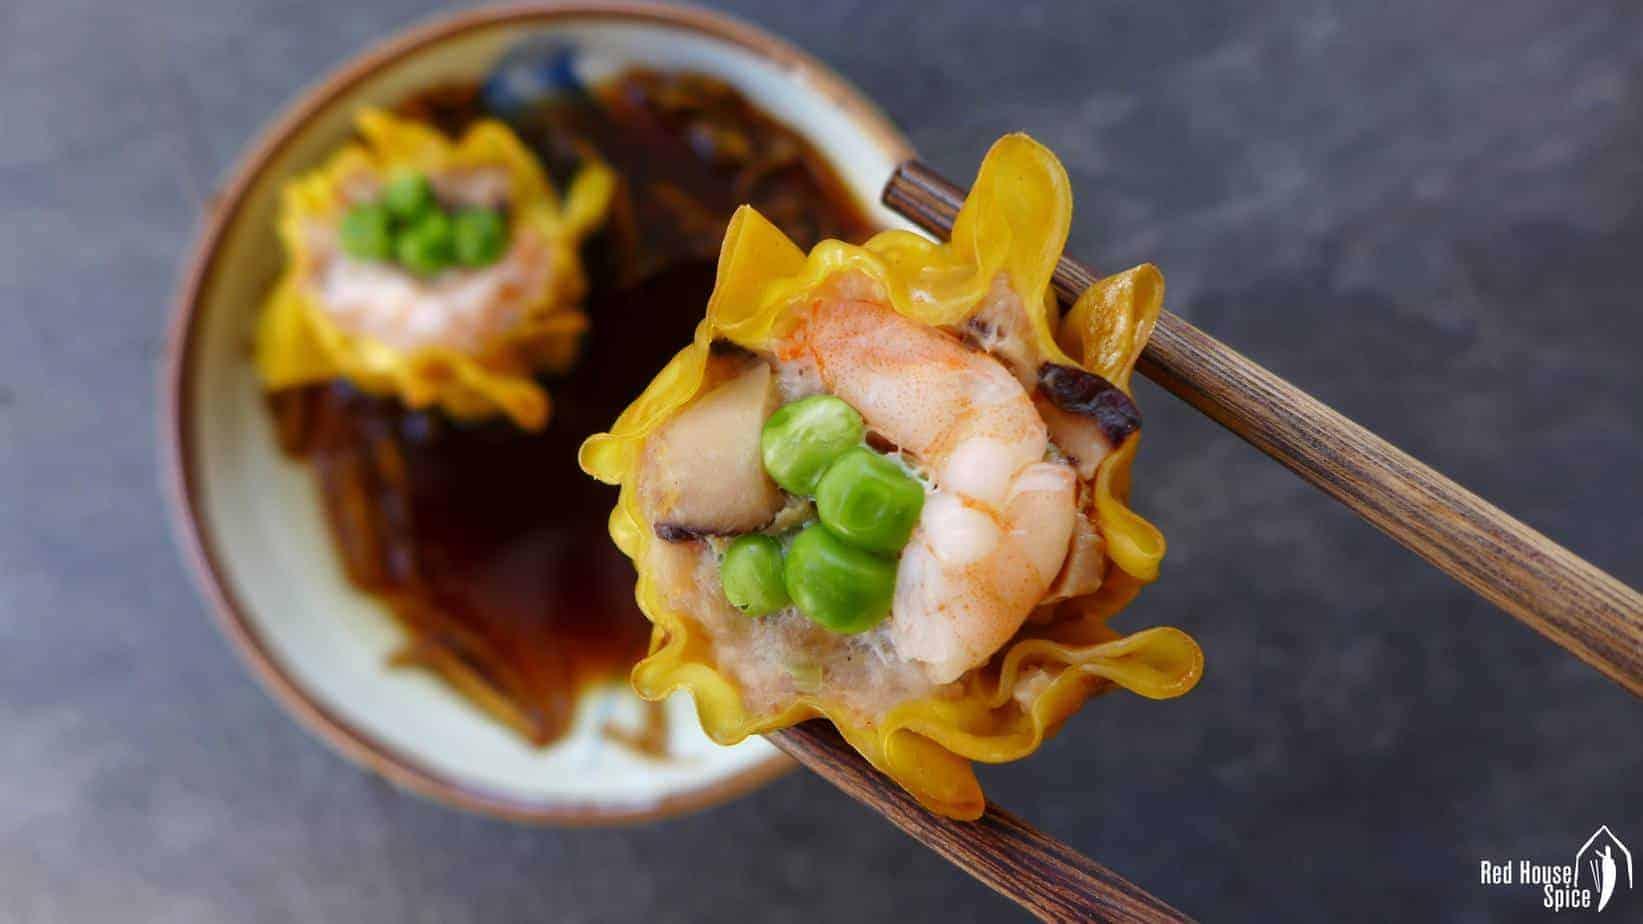 Shrimp & pork shumai (鲜虾猪肉烧卖)